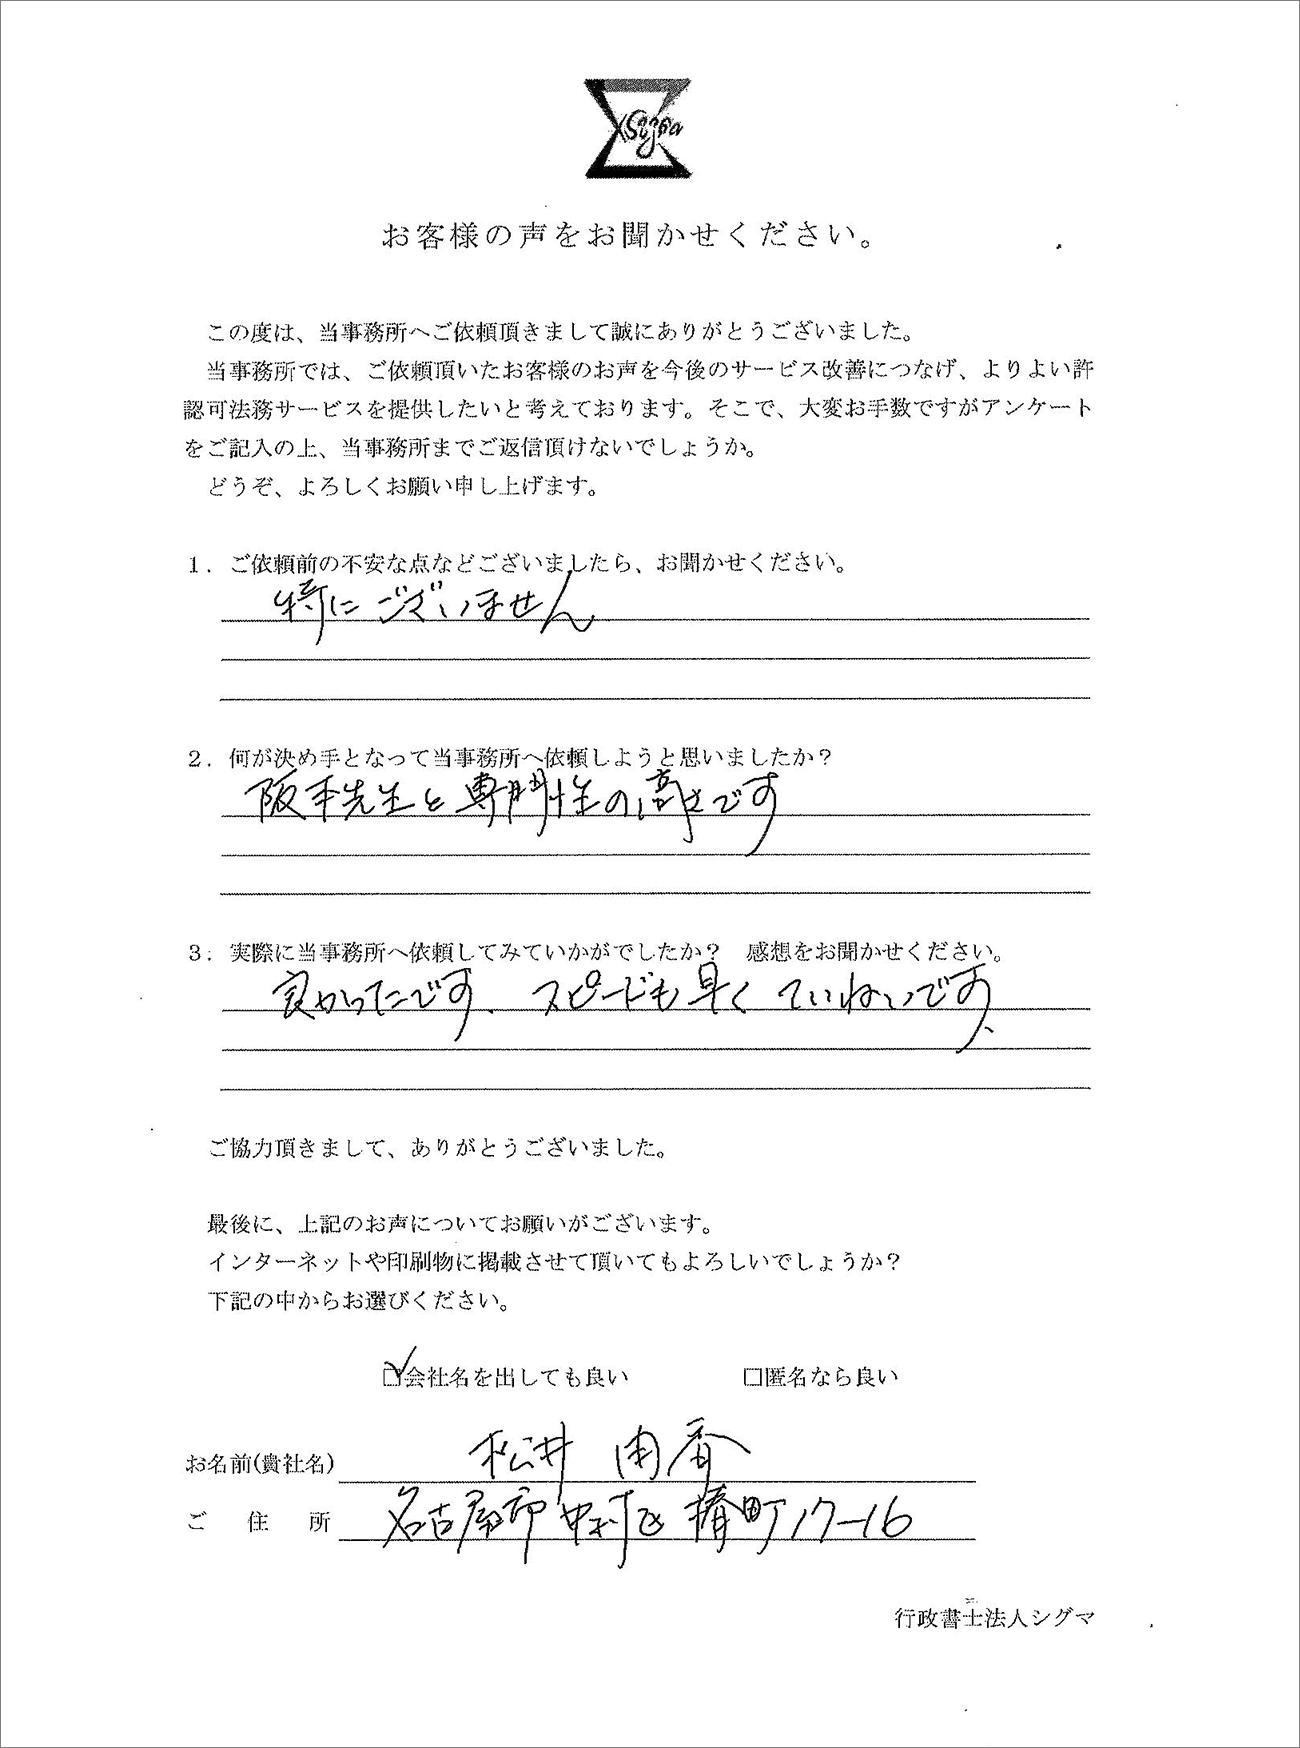 名古屋・東京行政書士法人様